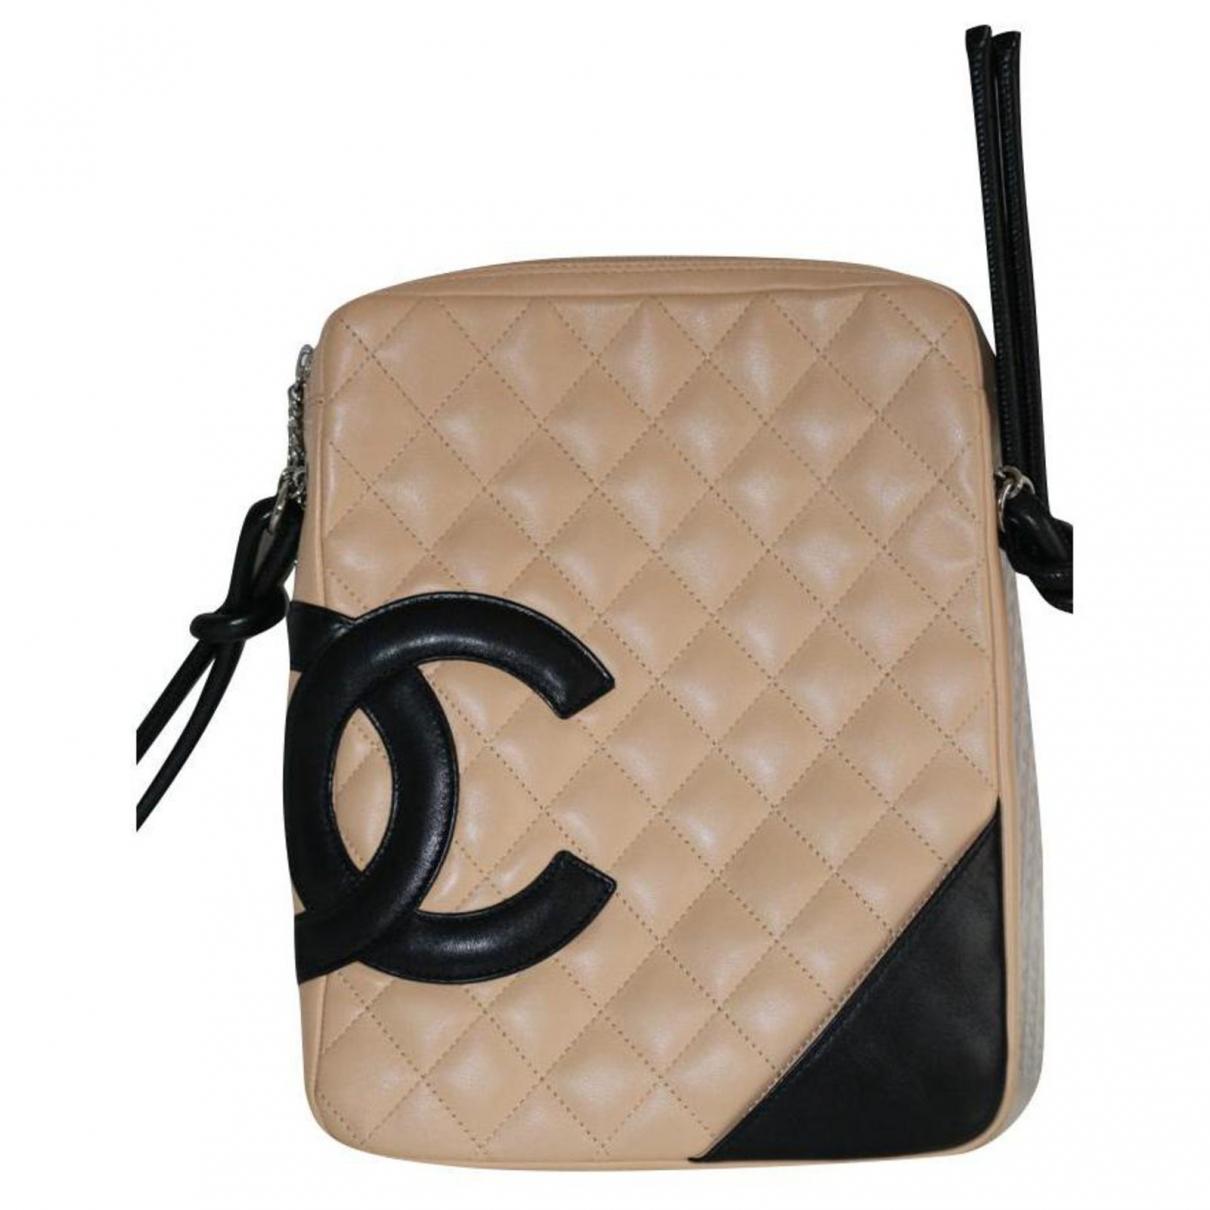 Bandolera Cambon de Cuero Chanel